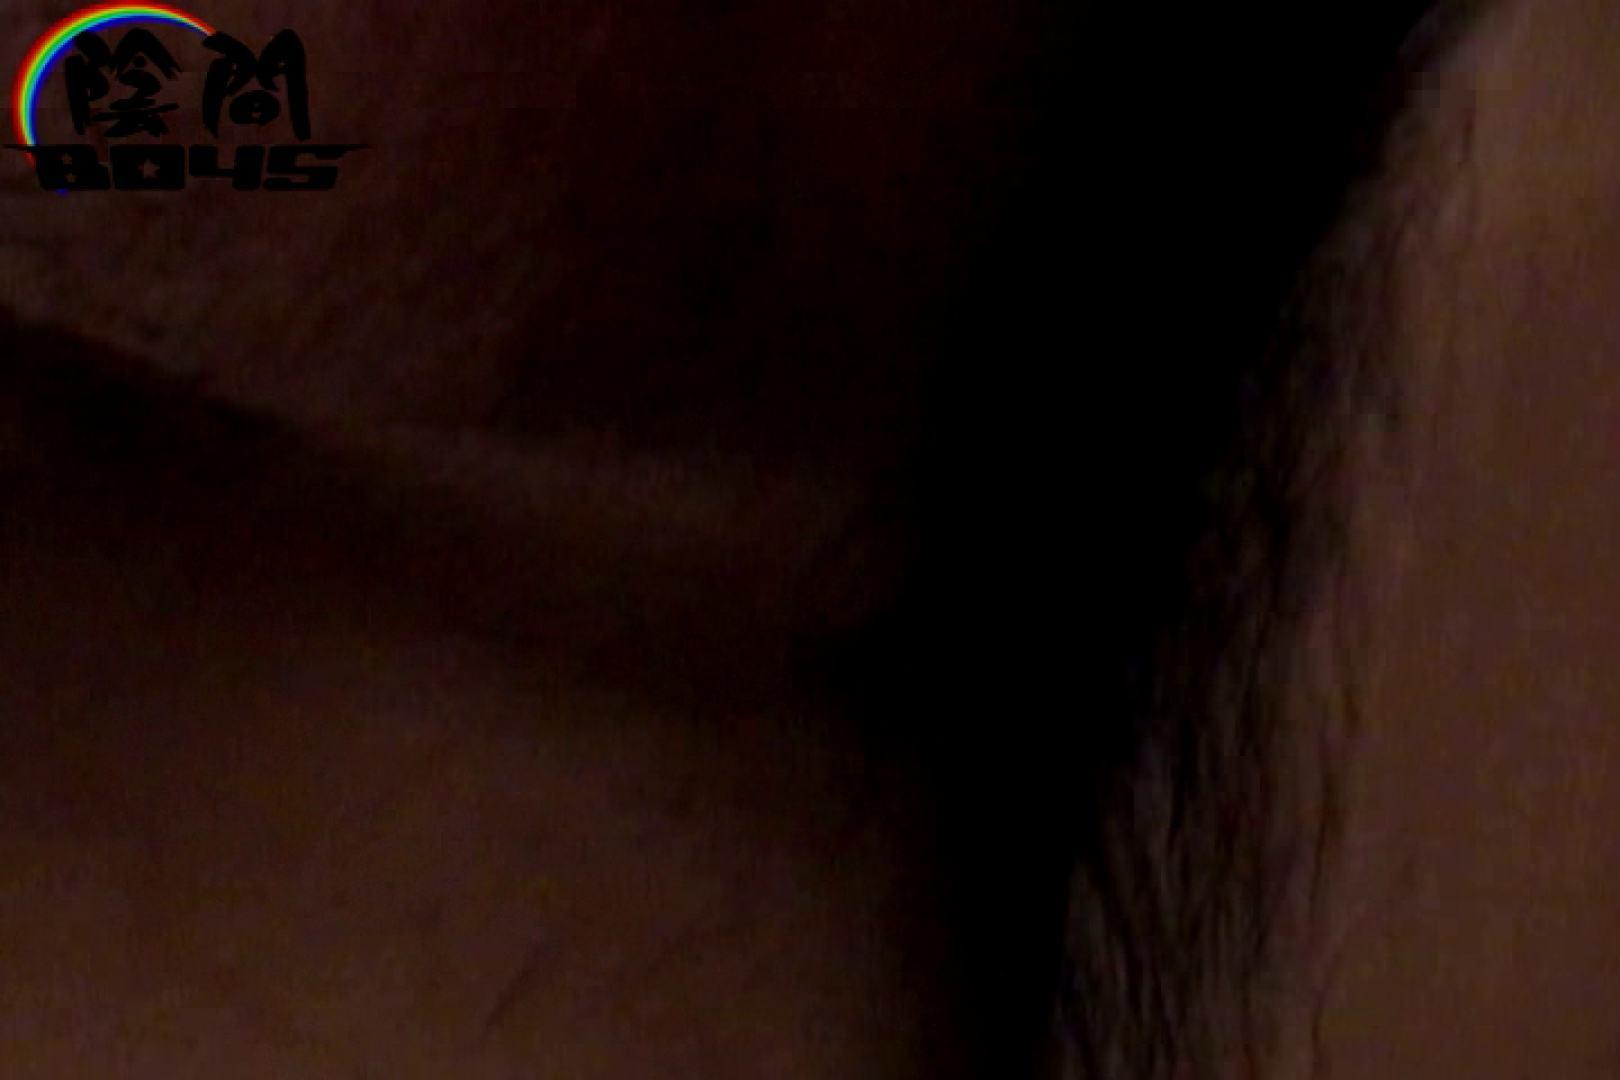 陰間BOYS~IKEMEN Interview~03 エッチ ゲイ無修正ビデオ画像 113枚 102